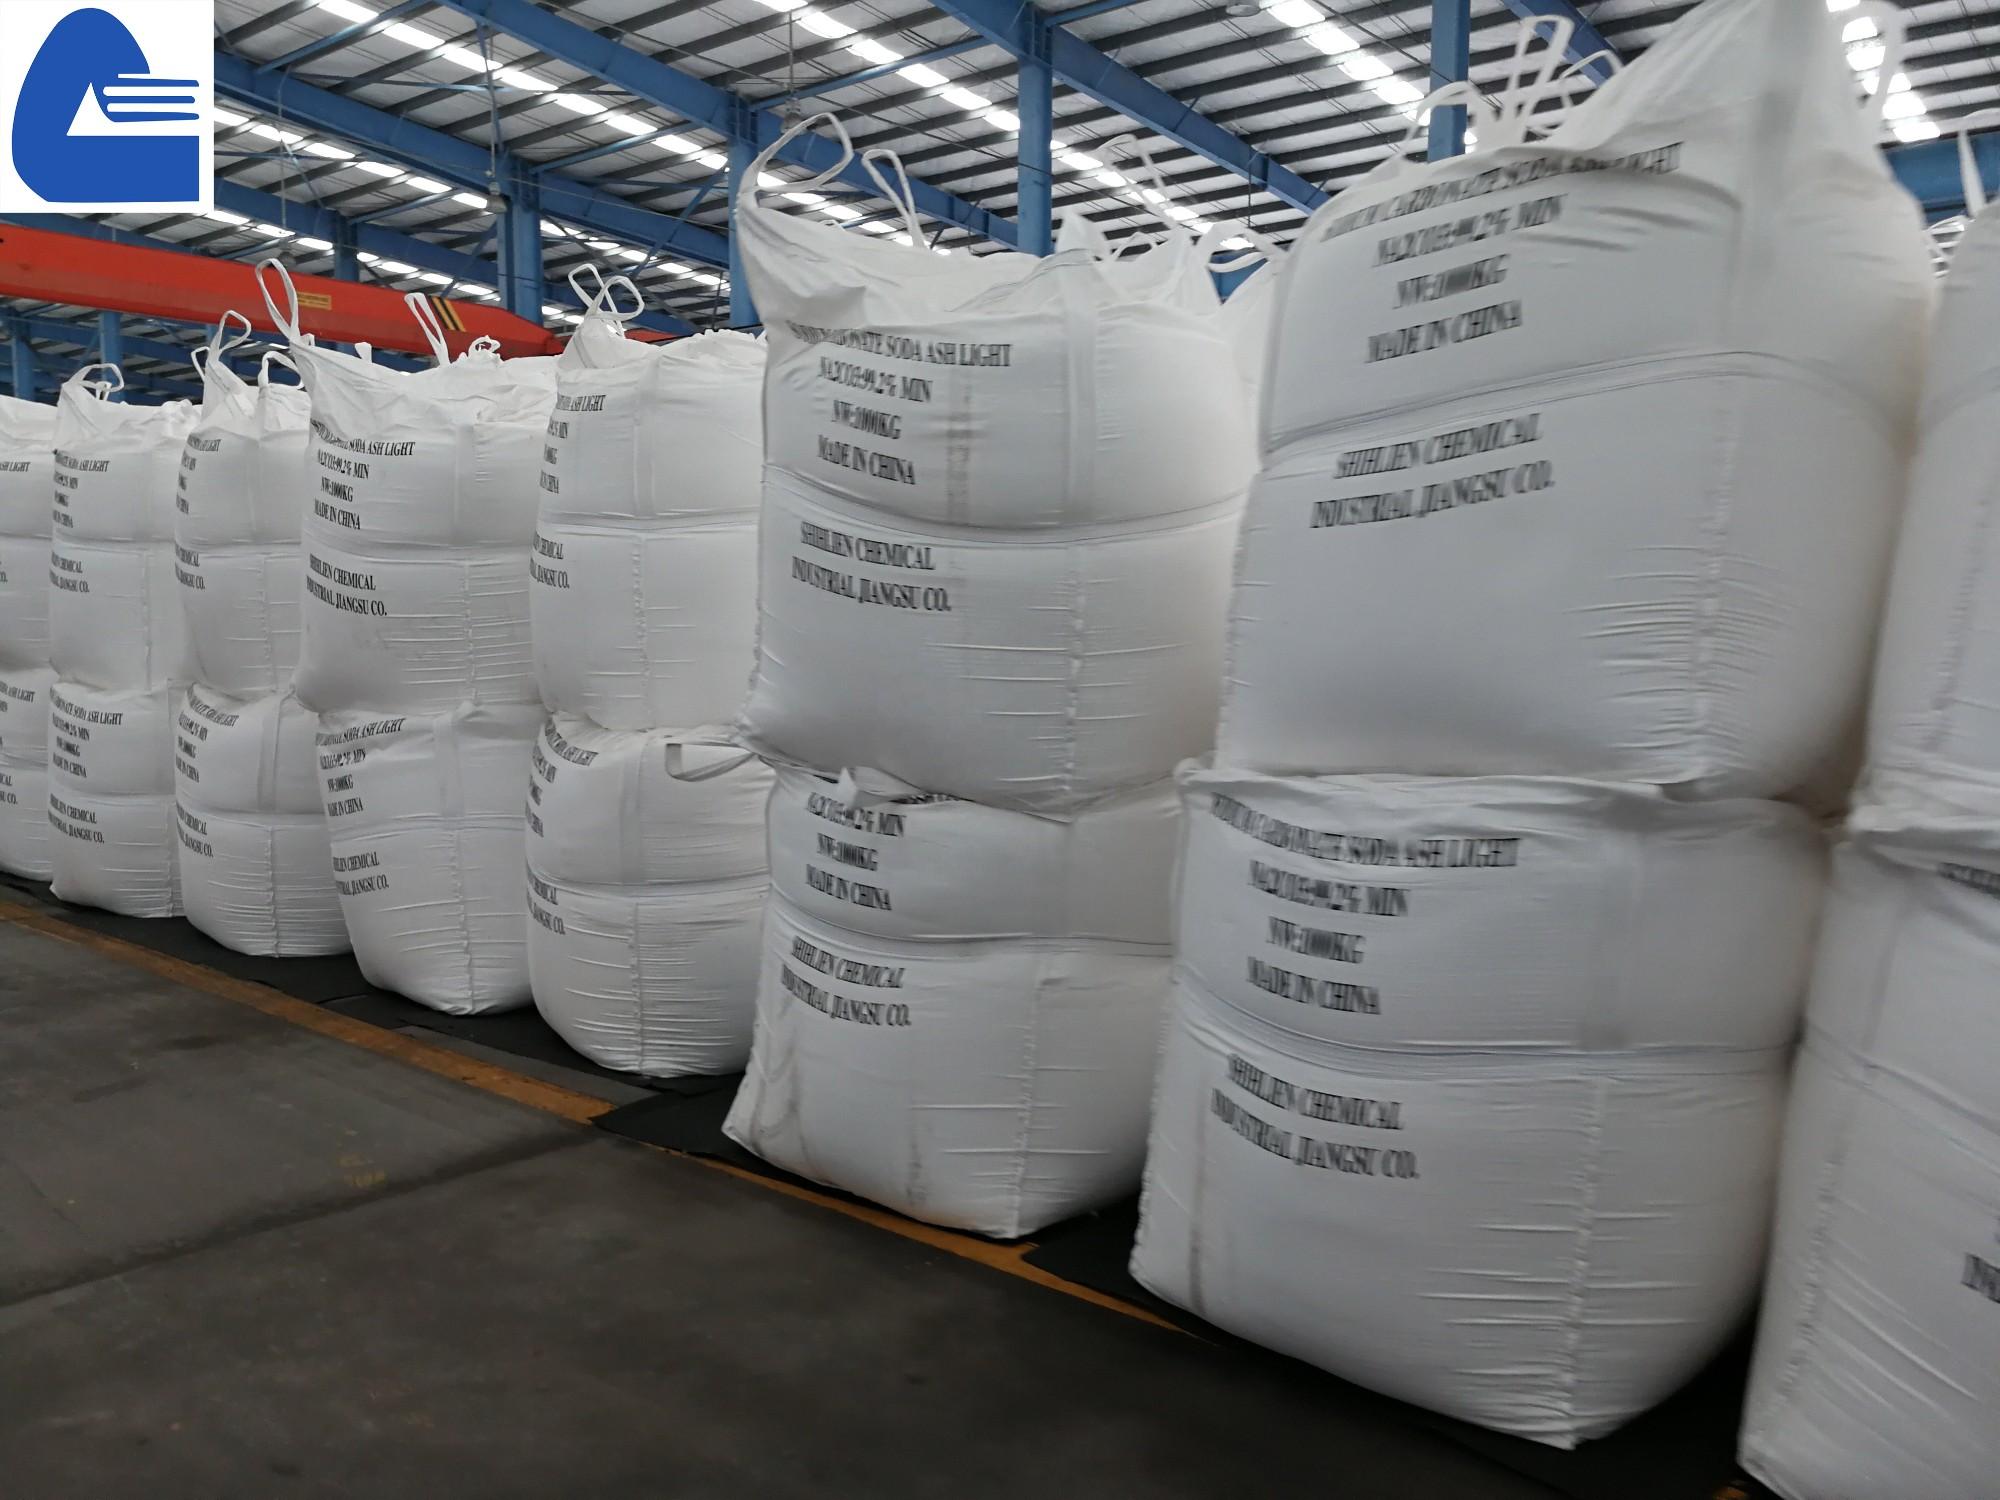 Kaufen Natriumsulfat Textile Grade;Natriumsulfat Textile Grade Preis;Natriumsulfat Textile Grade Marken;Natriumsulfat Textile Grade Hersteller;Natriumsulfat Textile Grade Zitat;Natriumsulfat Textile Grade Unternehmen